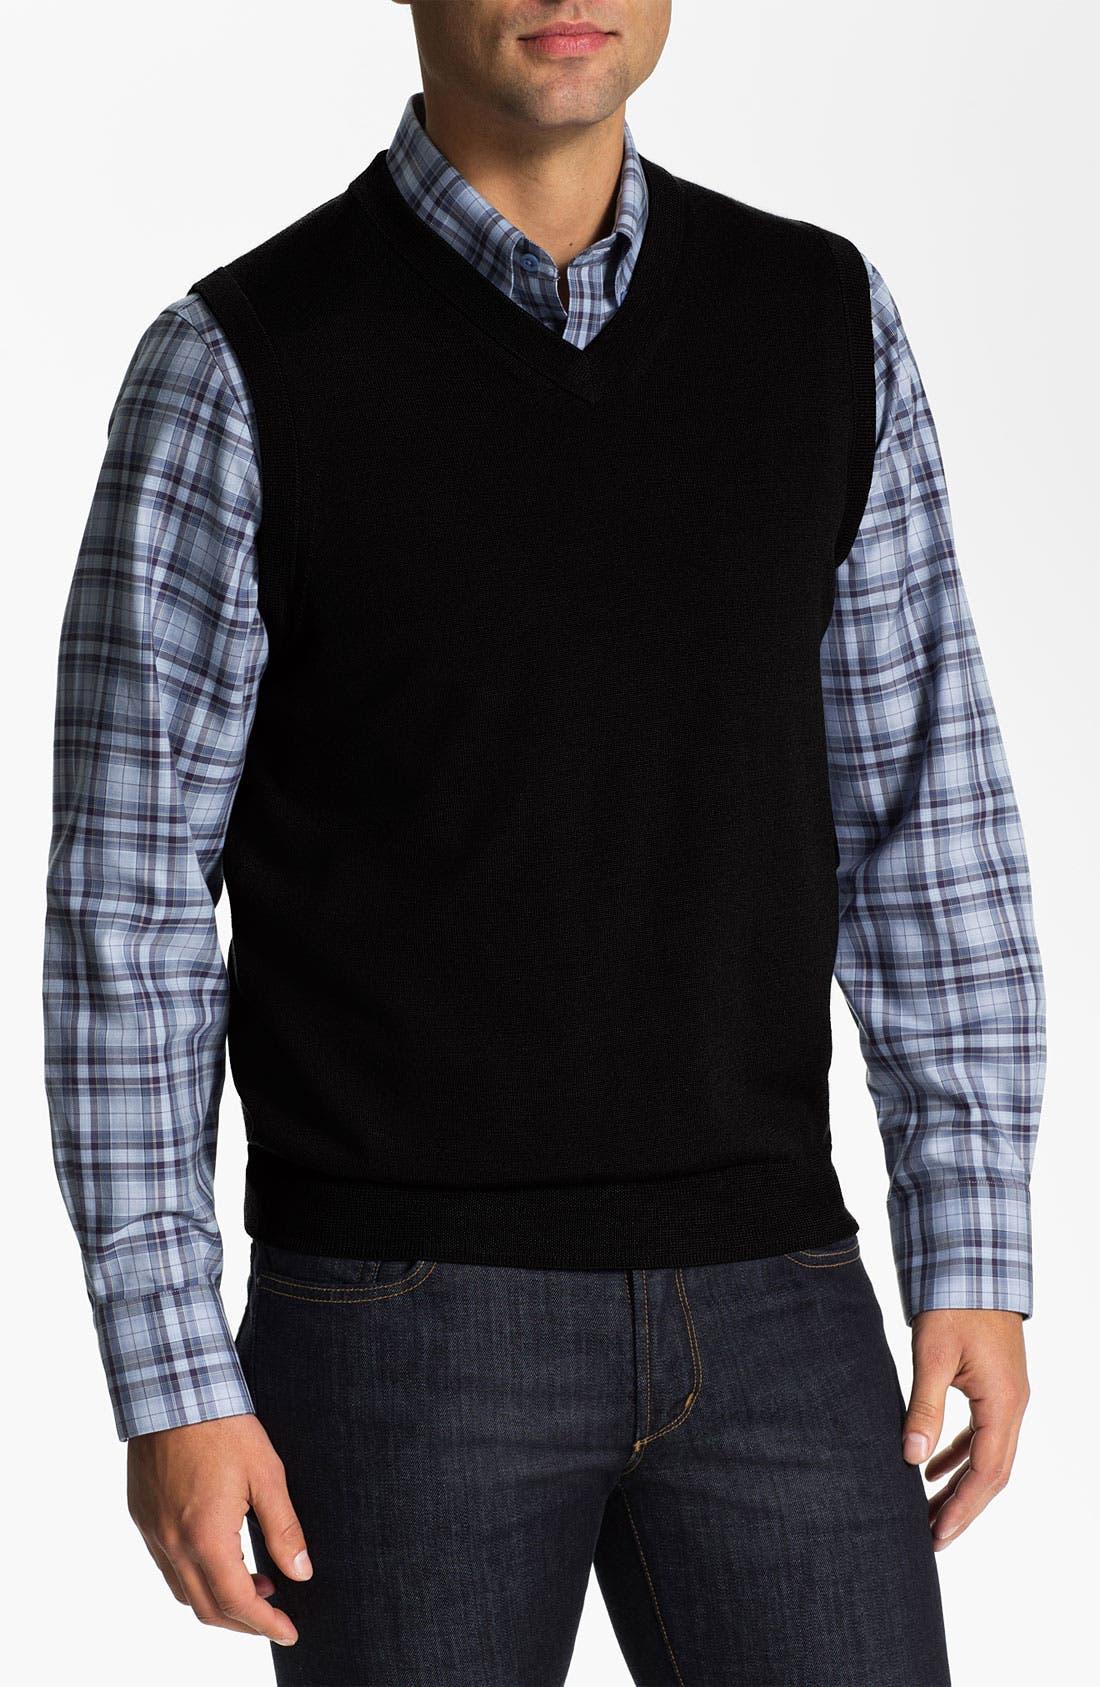 Main Image - Nordstrom V-Neck Merino Wool Sweater Vest